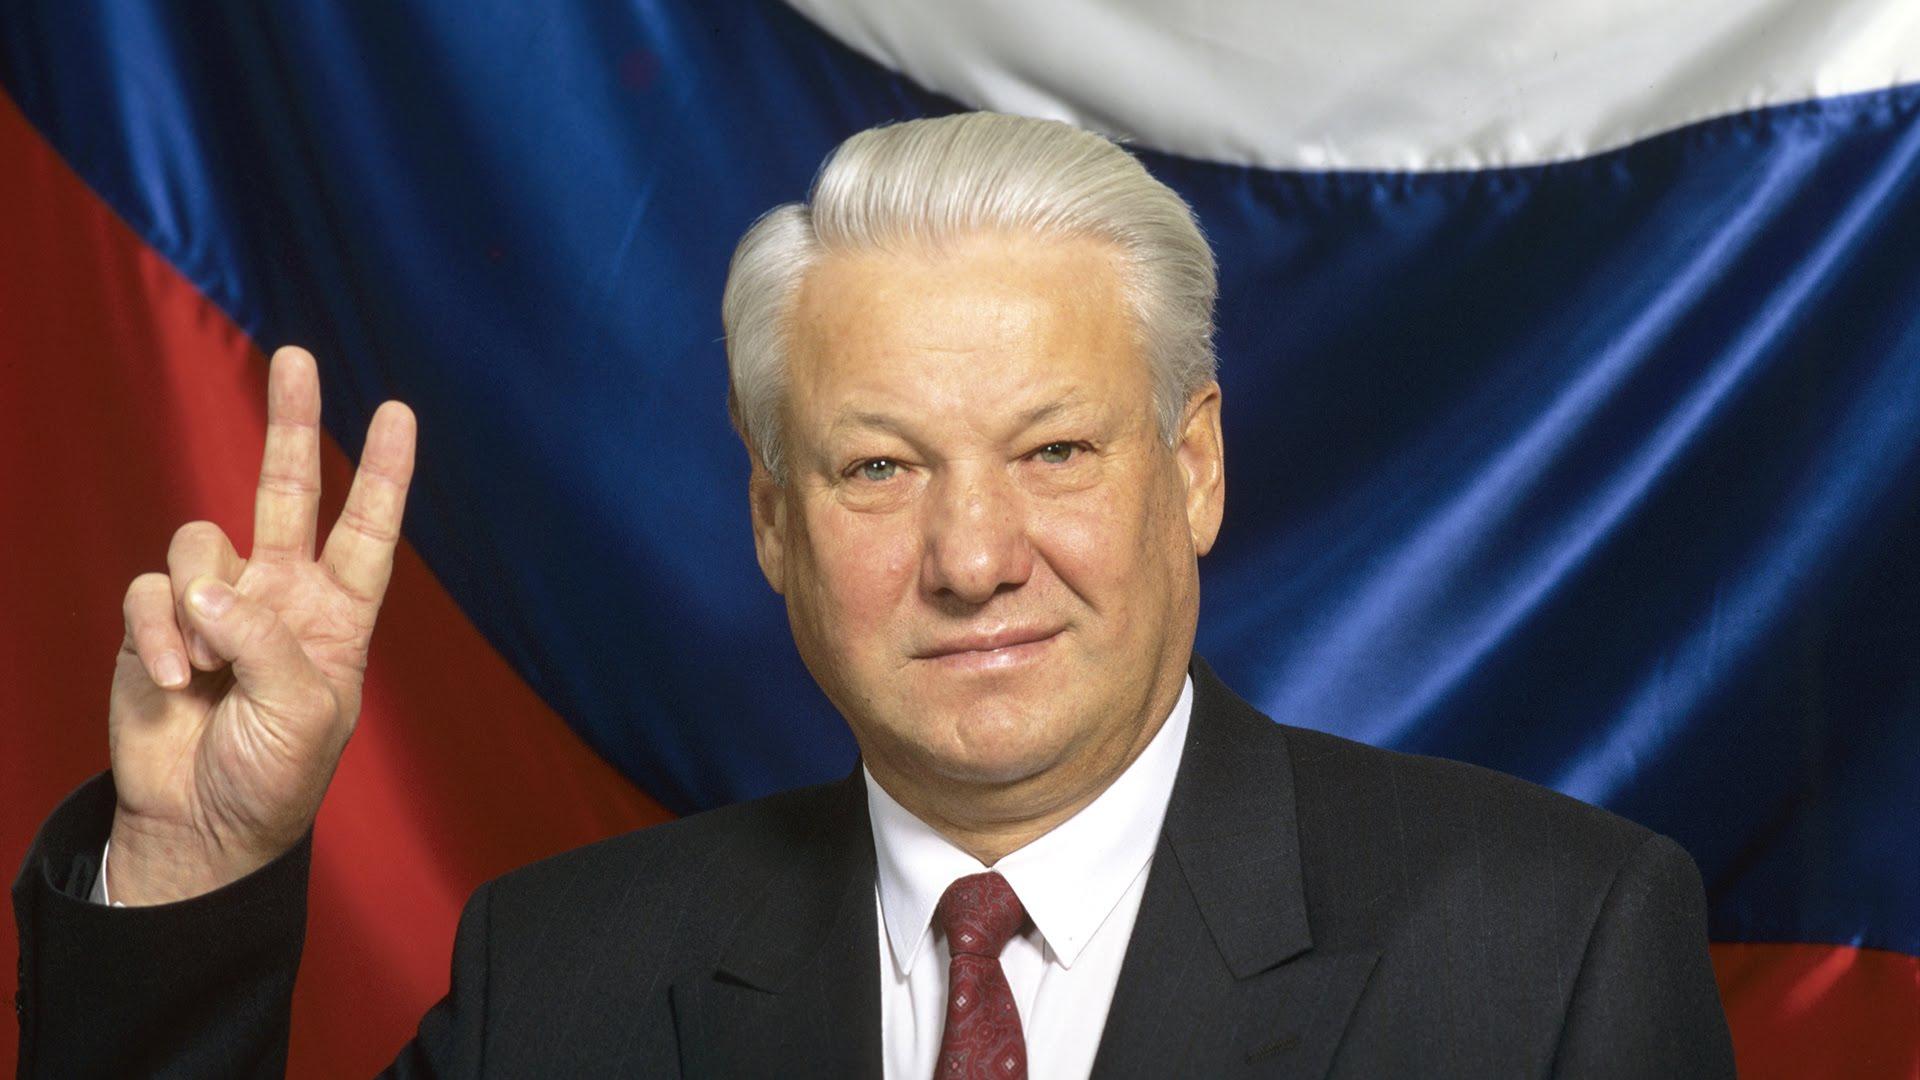 Борис Ельцин: биография, личная жизнь, семья, жена, дети — фото